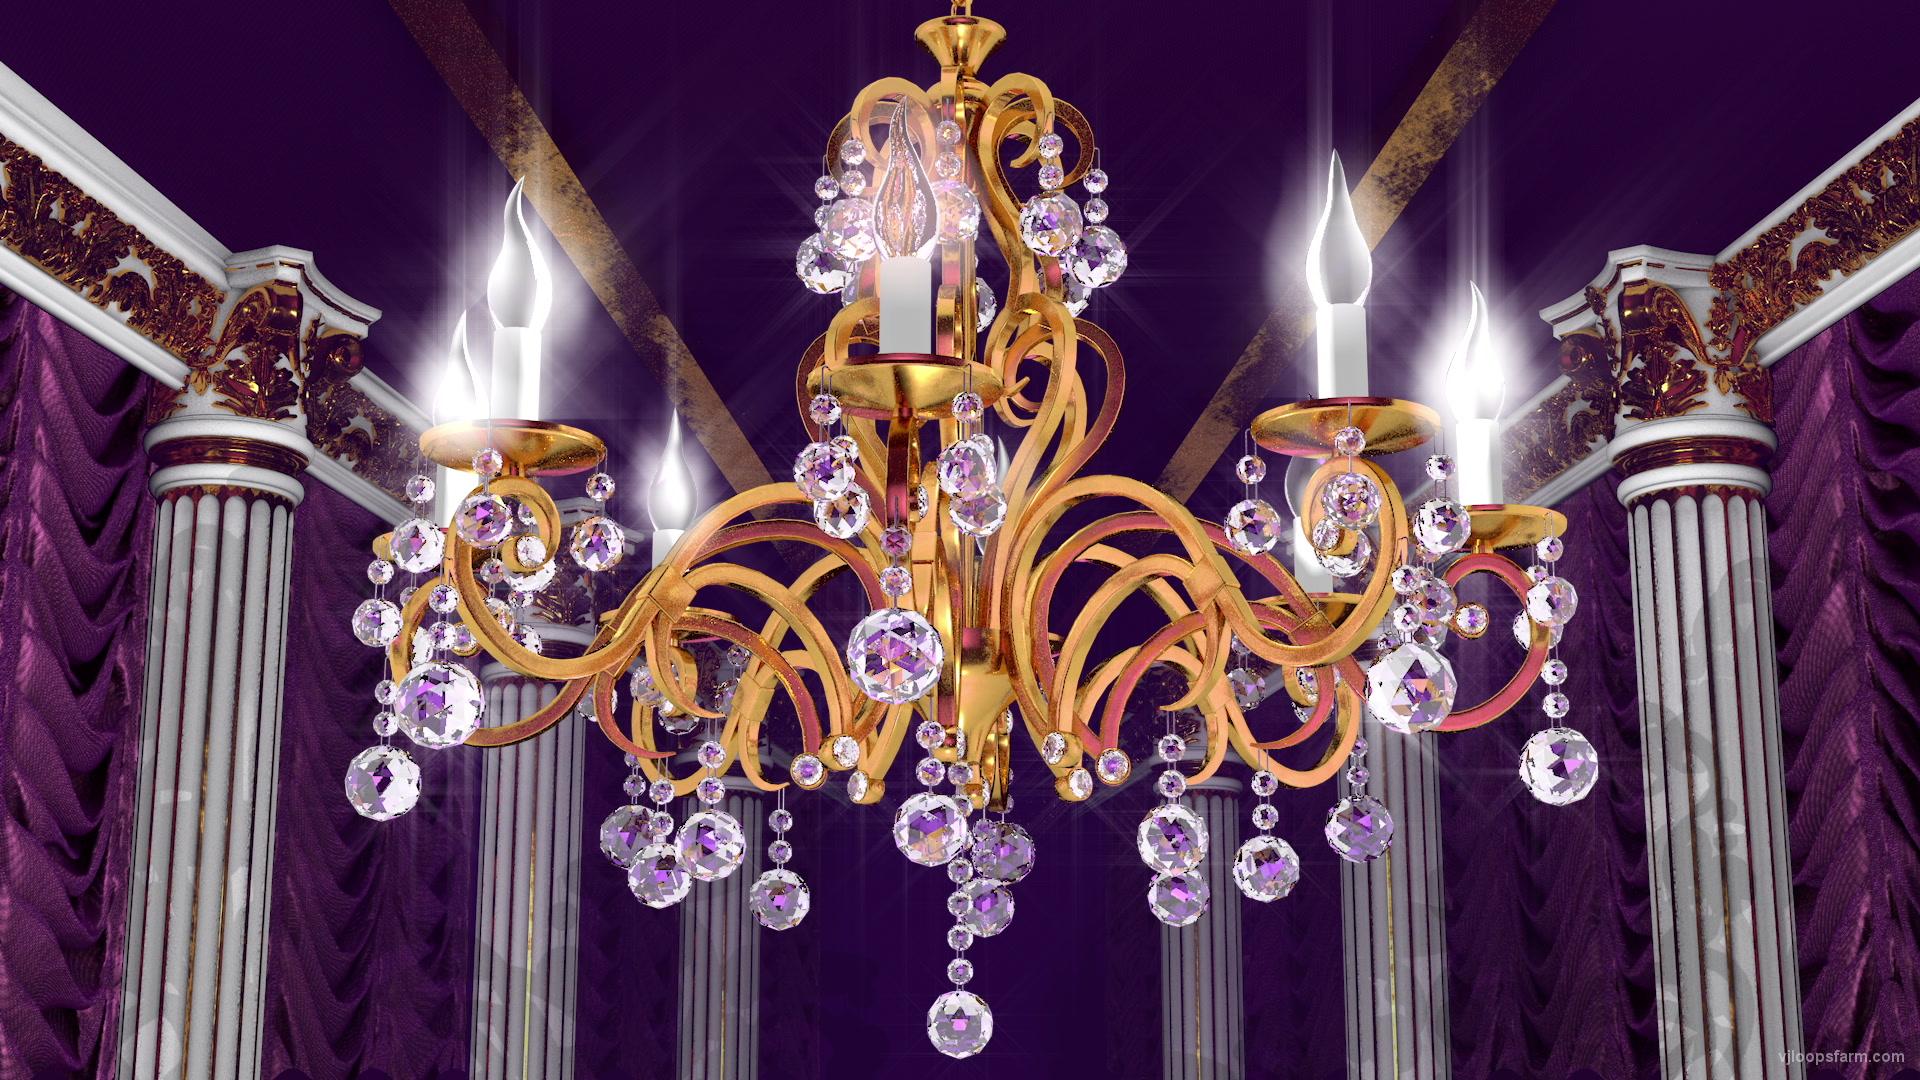 lustre de cristal vintage vj loop download full hd vj loop. Black Bedroom Furniture Sets. Home Design Ideas